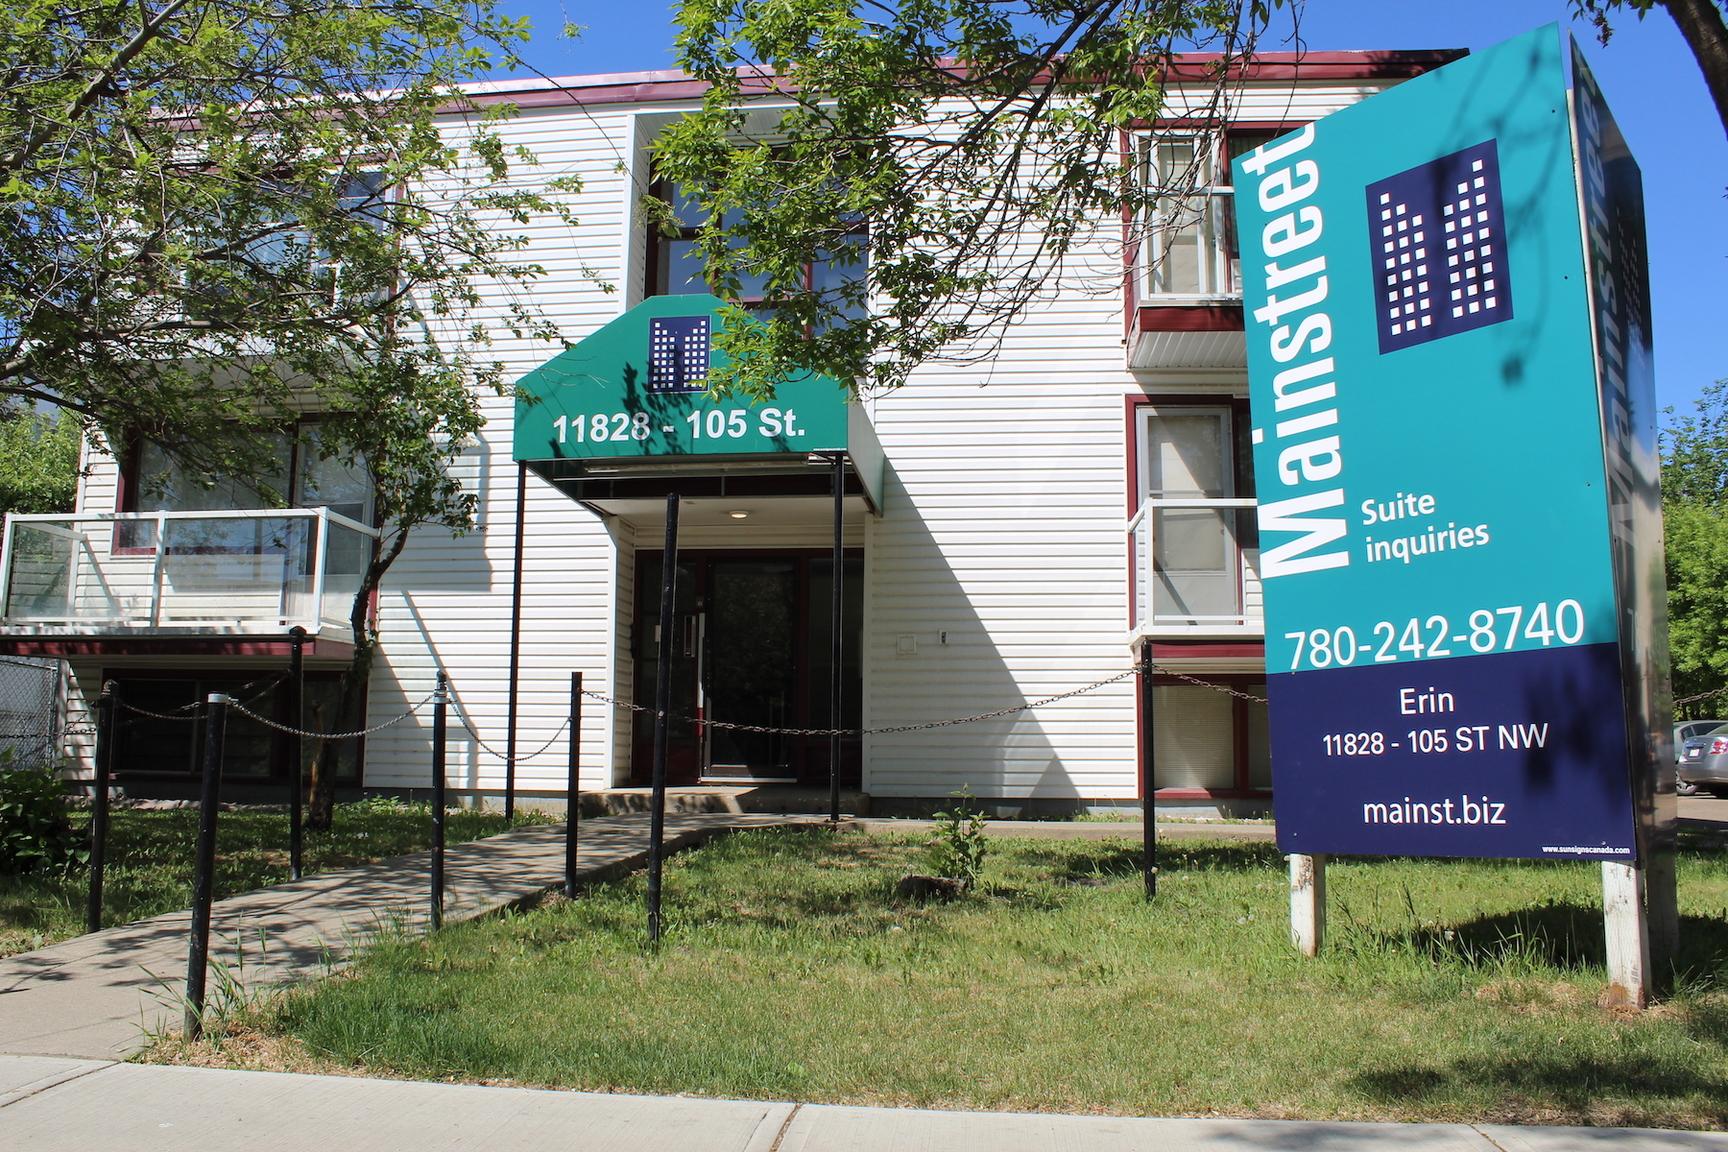 11828 105 Street NW, Edmonton, AB - $945